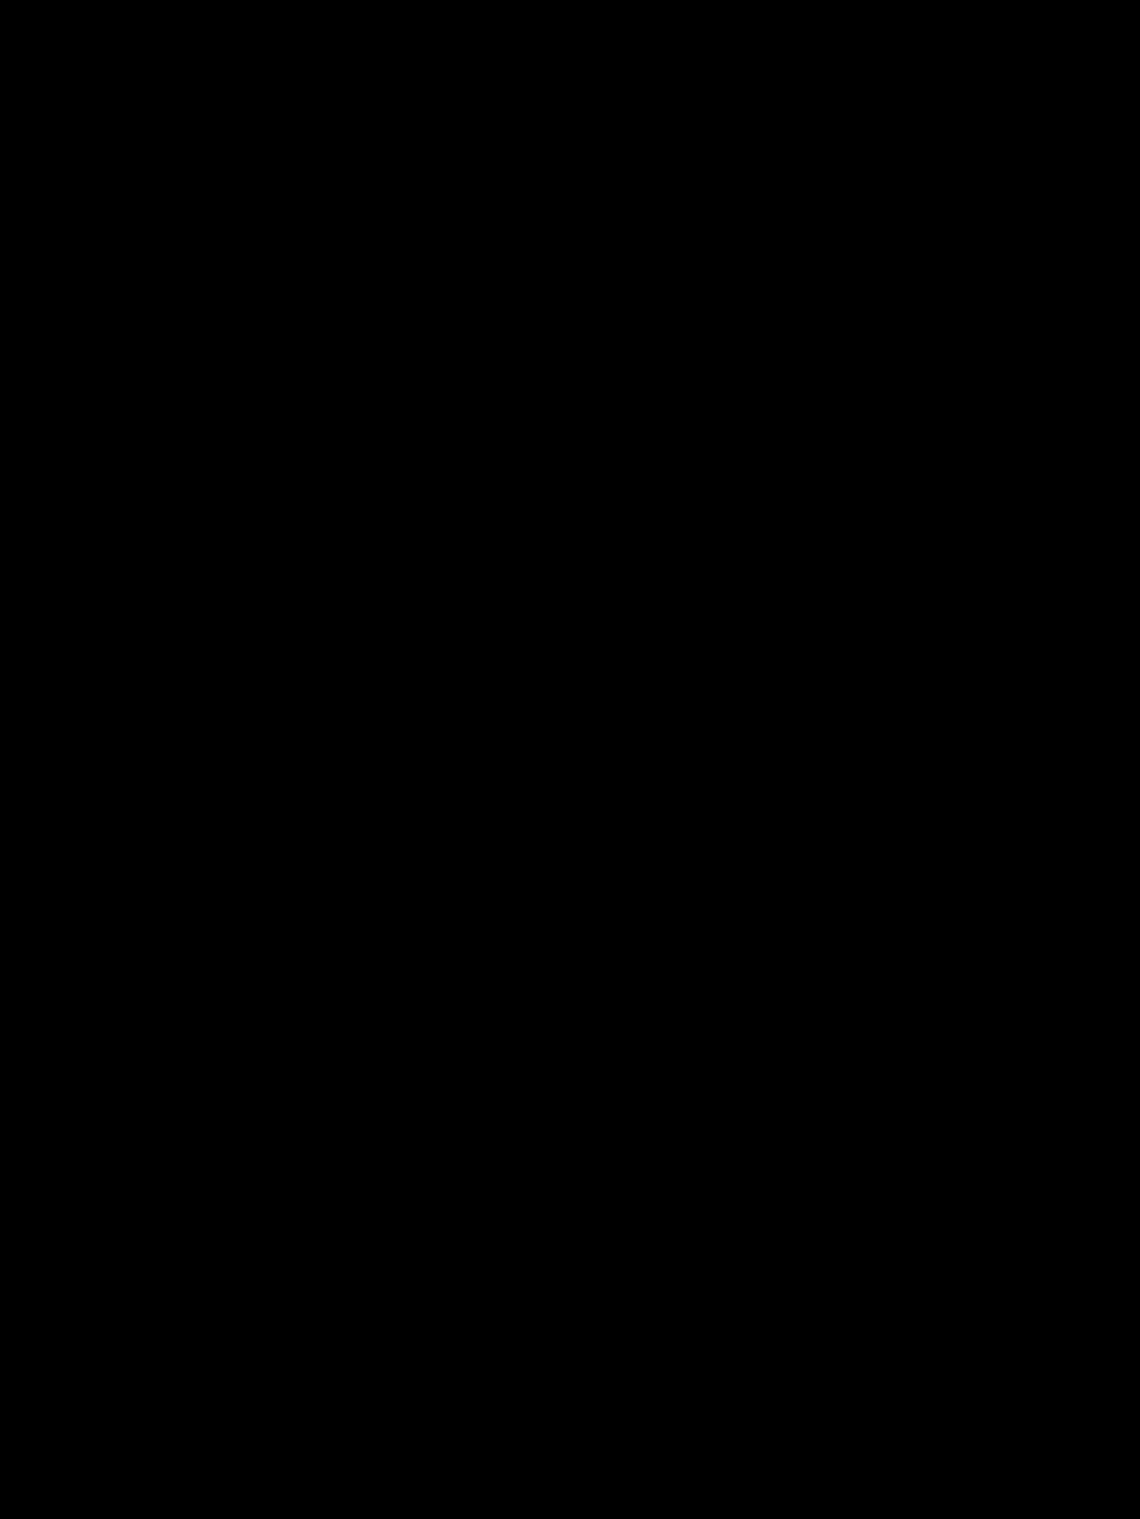 PXL_20201111_230632969V2